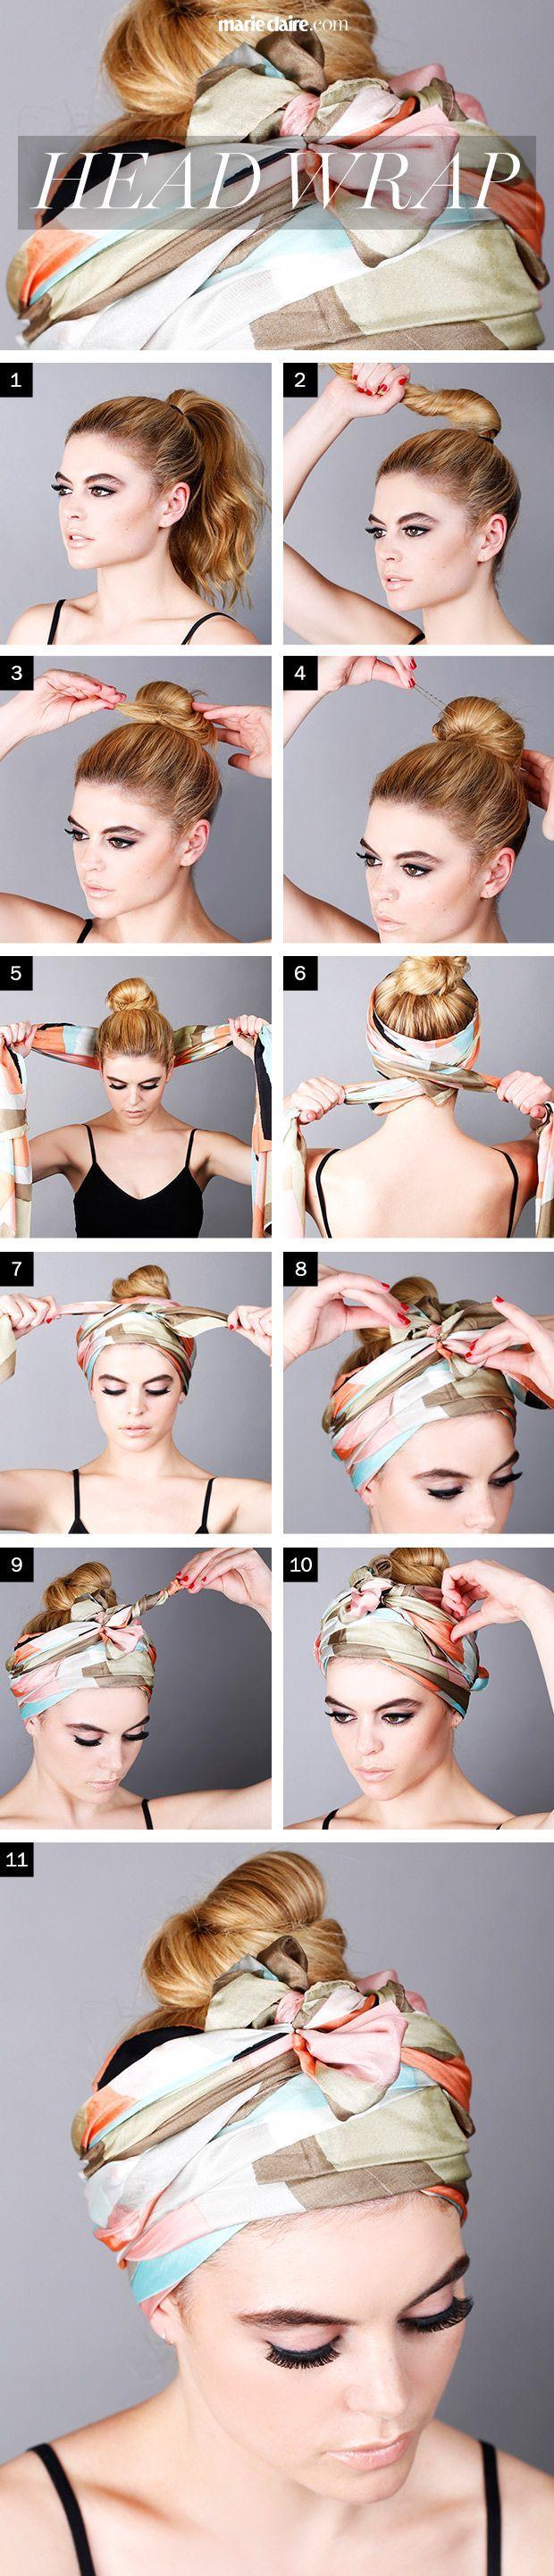 Savoir comment porter un foulard en bandeau, conseils de coiffure pour mettre un foulard autour de sa tête, dans ses cheveux à la façon d'un bandeau.